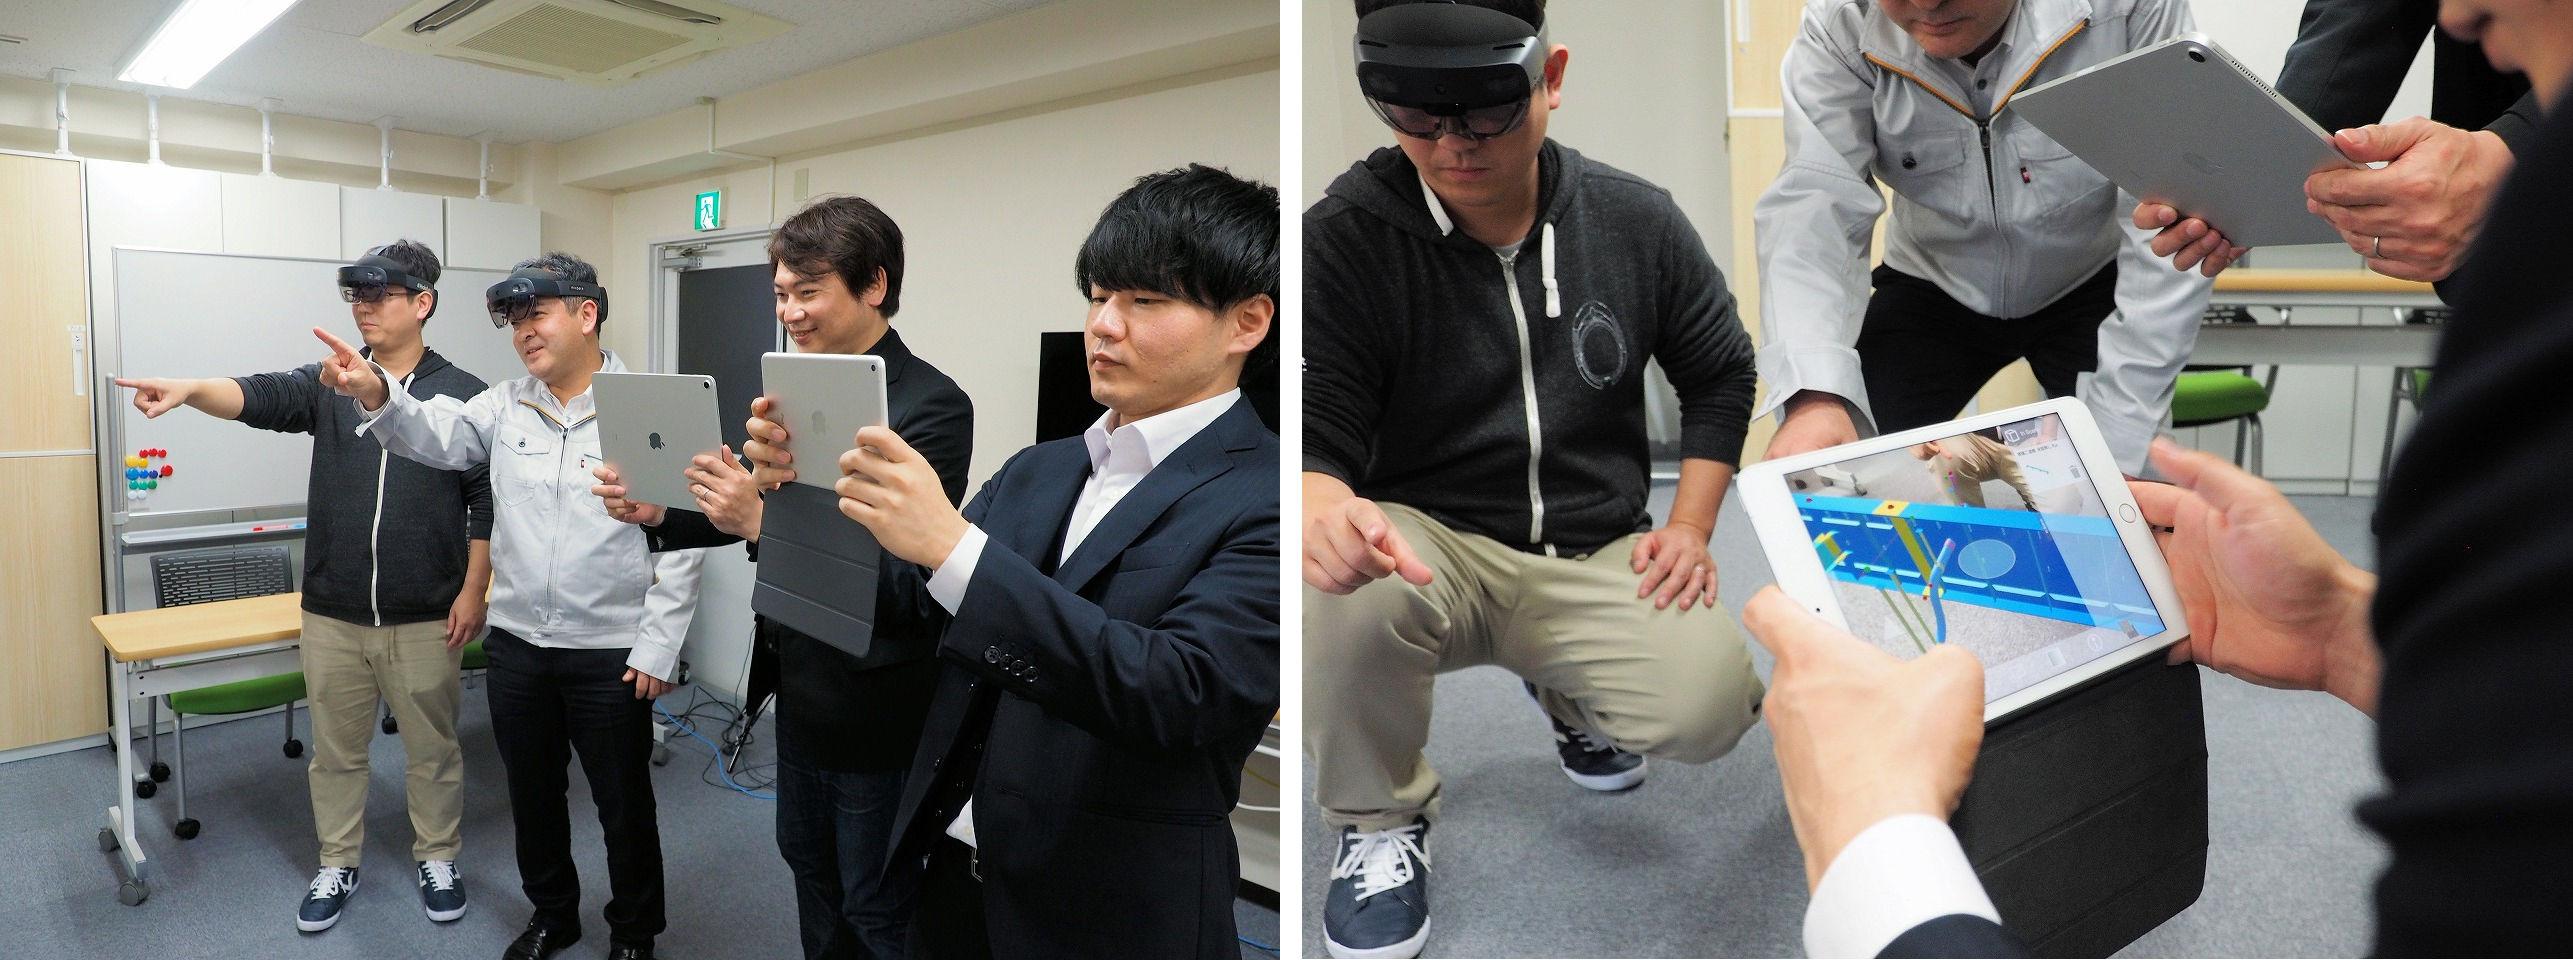 HoloLensやHoloLens2とiPadによって全員が同時に同じBIM/CIMモデルをAR体験しながらディスカッションすることもできそうだ